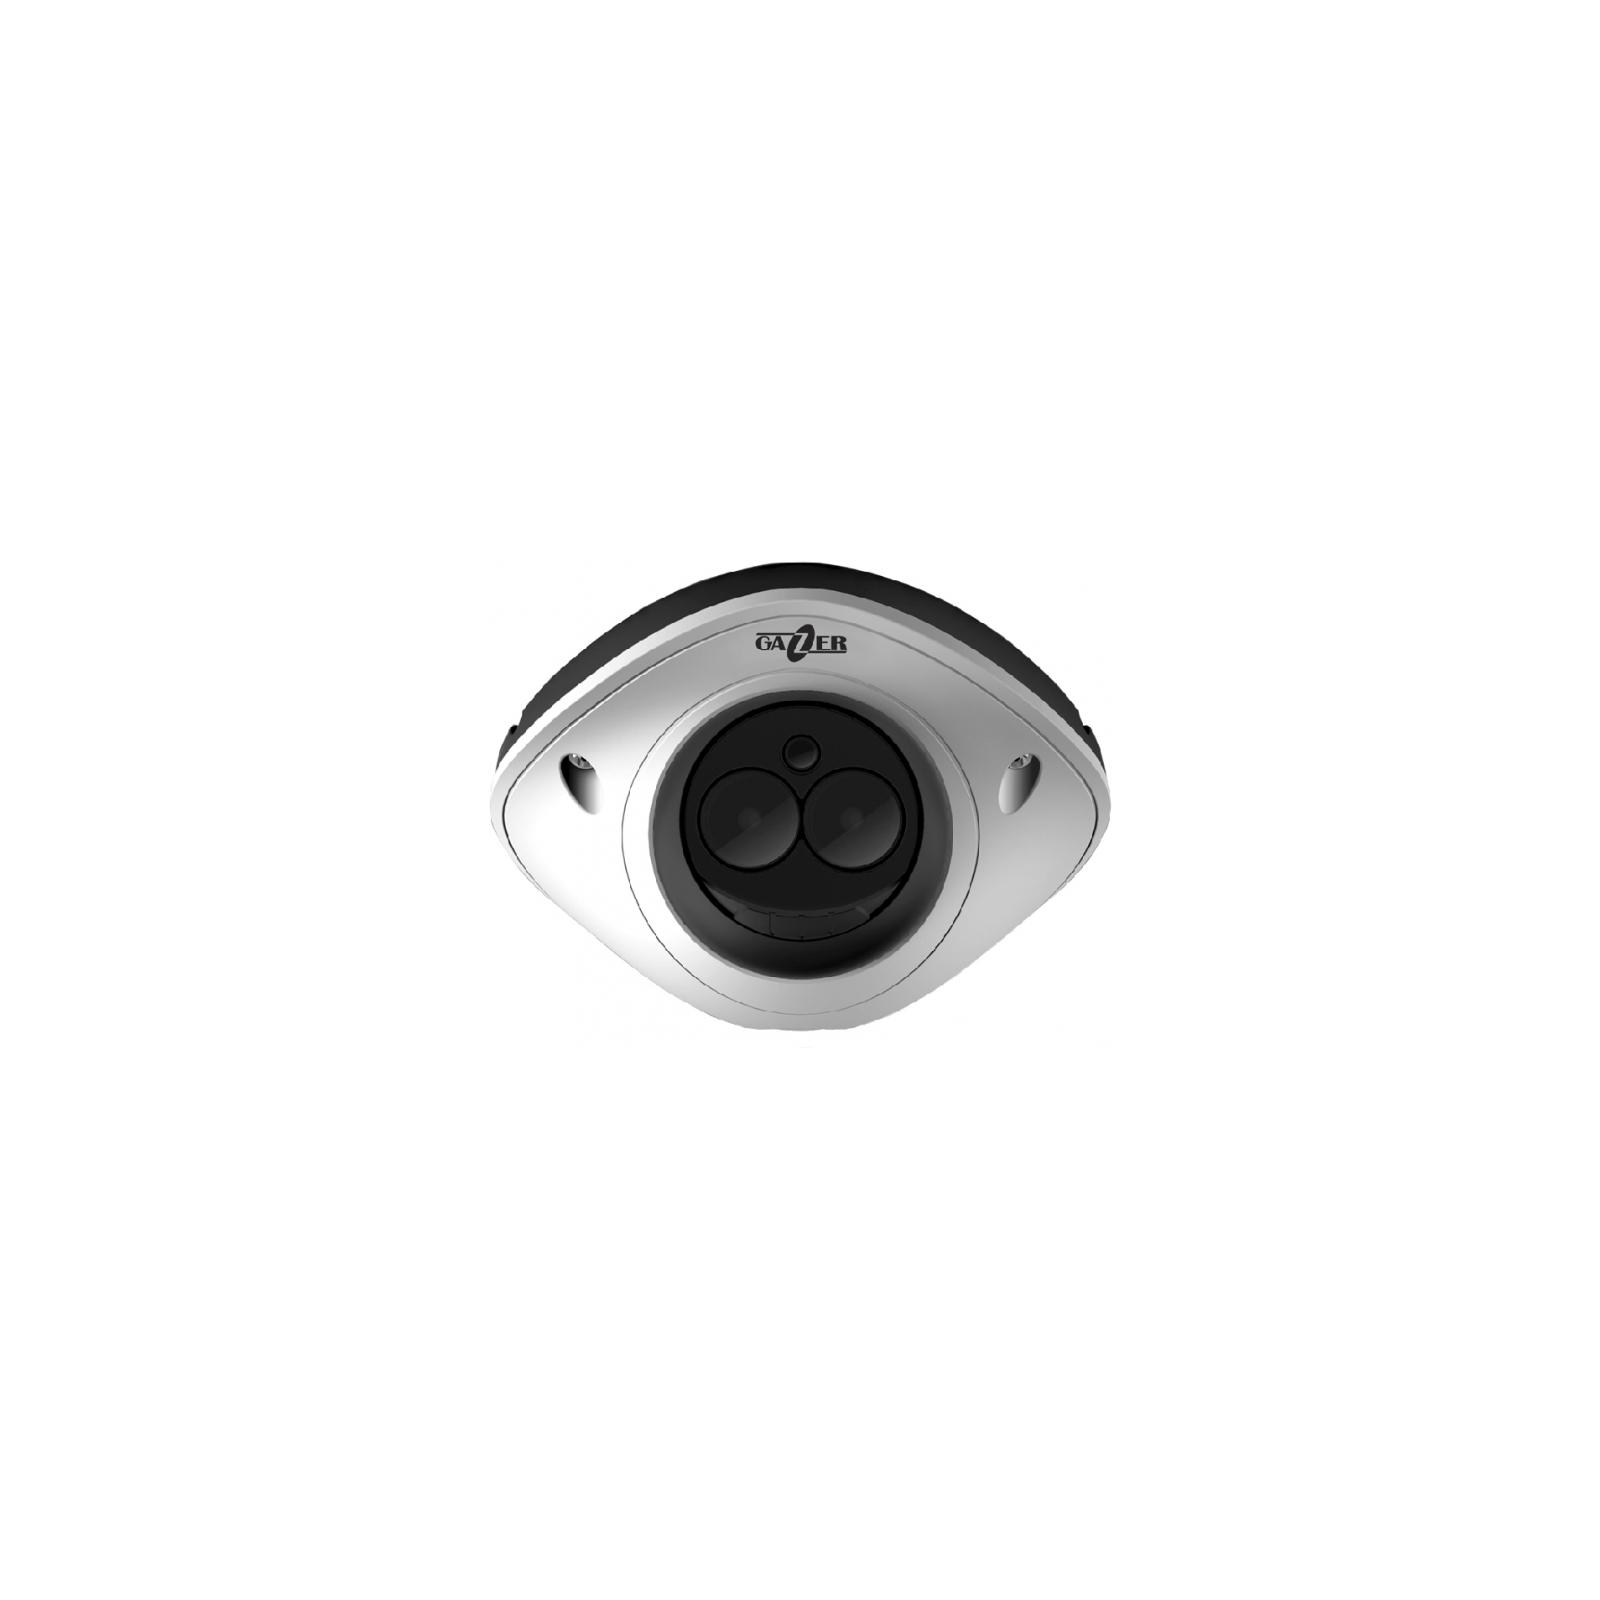 Камера видеонаблюдения Gazer CS226 изображение 3